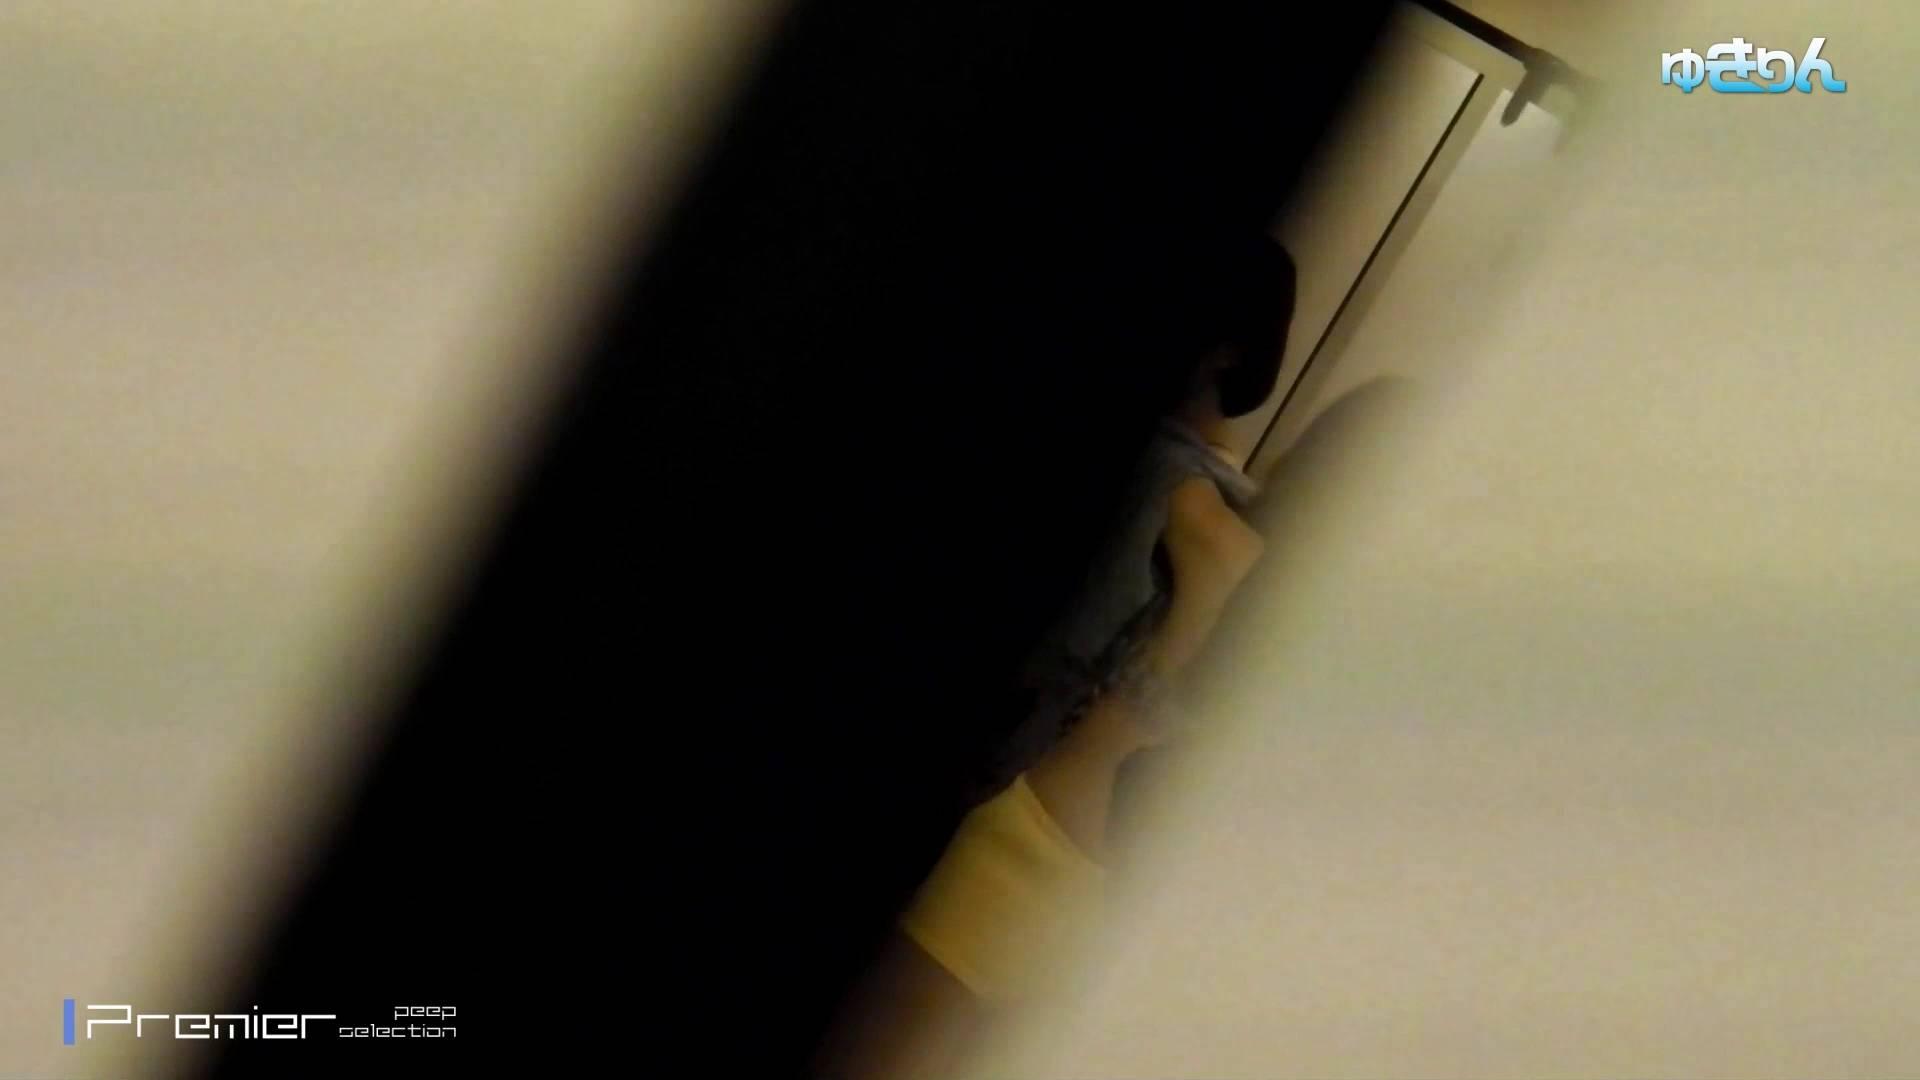 新世界の射窓 No89 あの有名のショーに出ているモデルが偶然に利用するという 洗面所  113画像 34